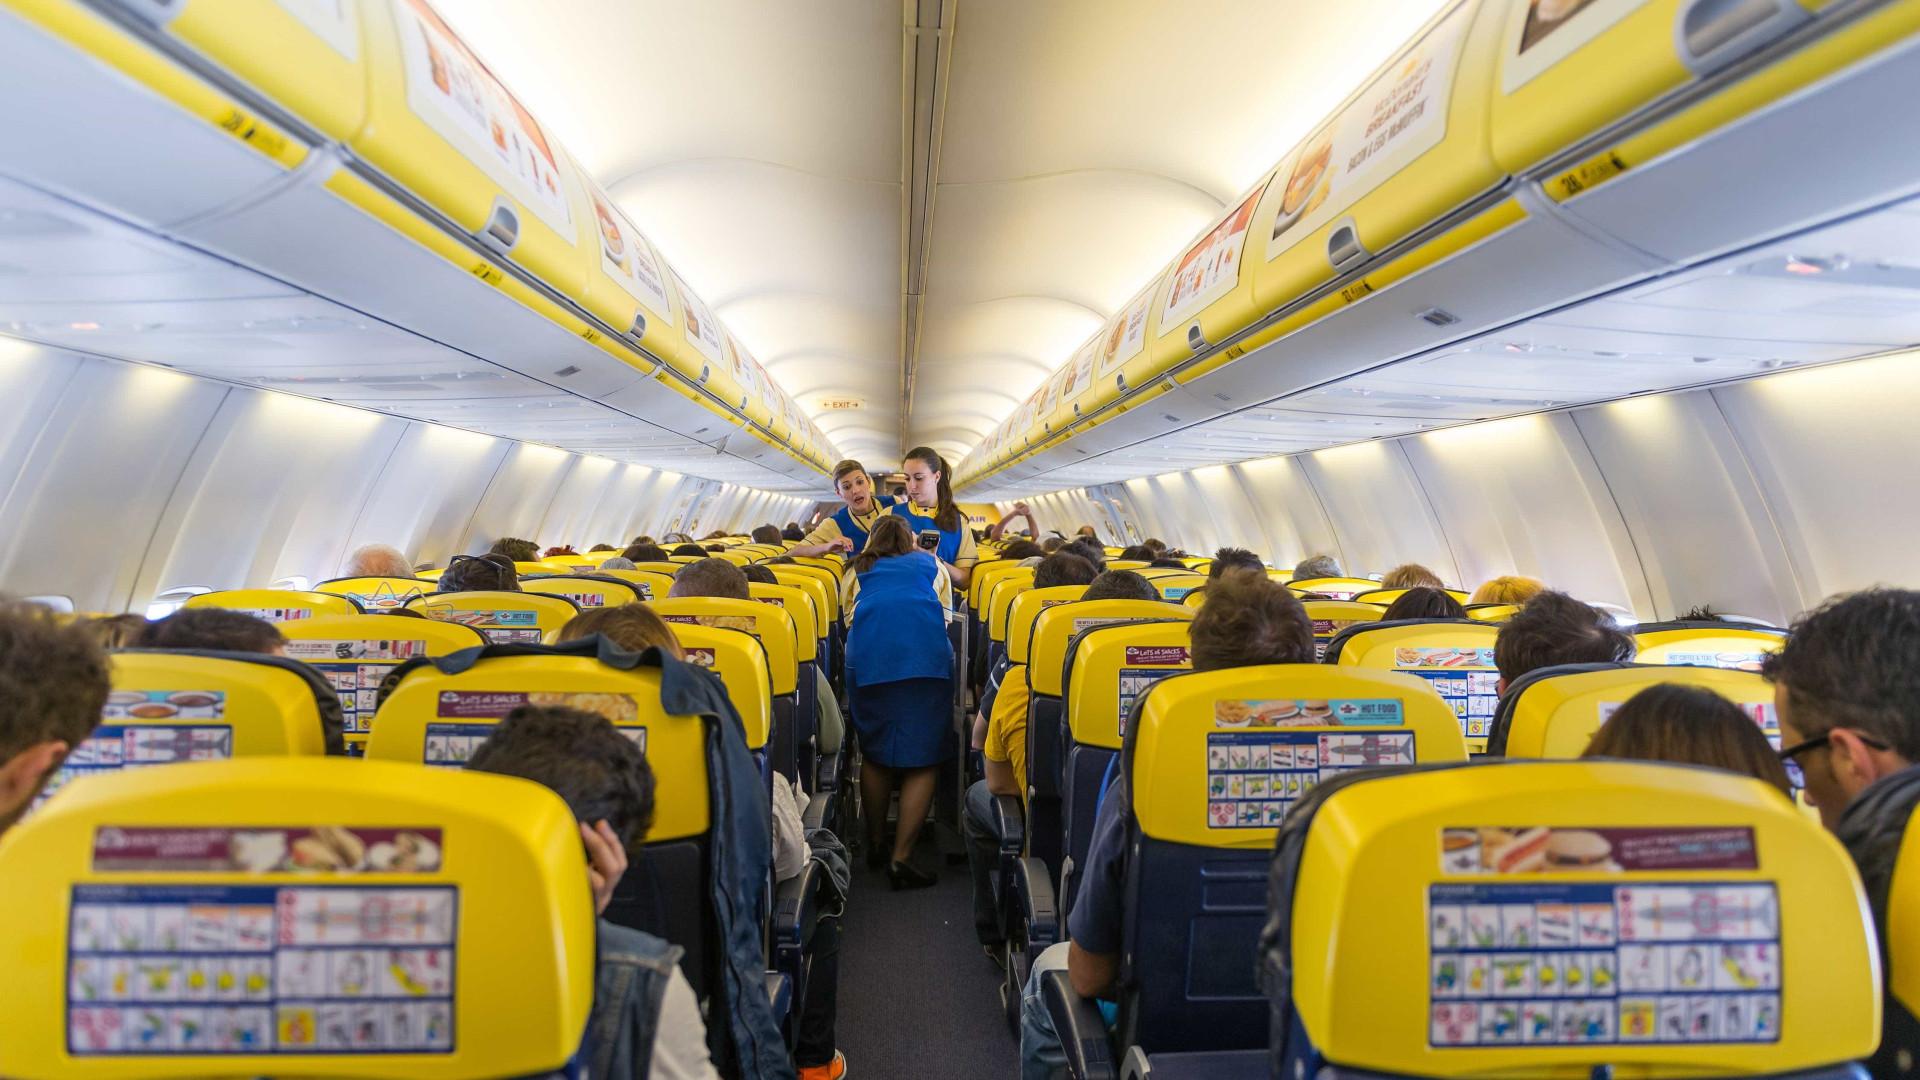 Entra amanhã em vigor nova política de bagagem da Ryanair